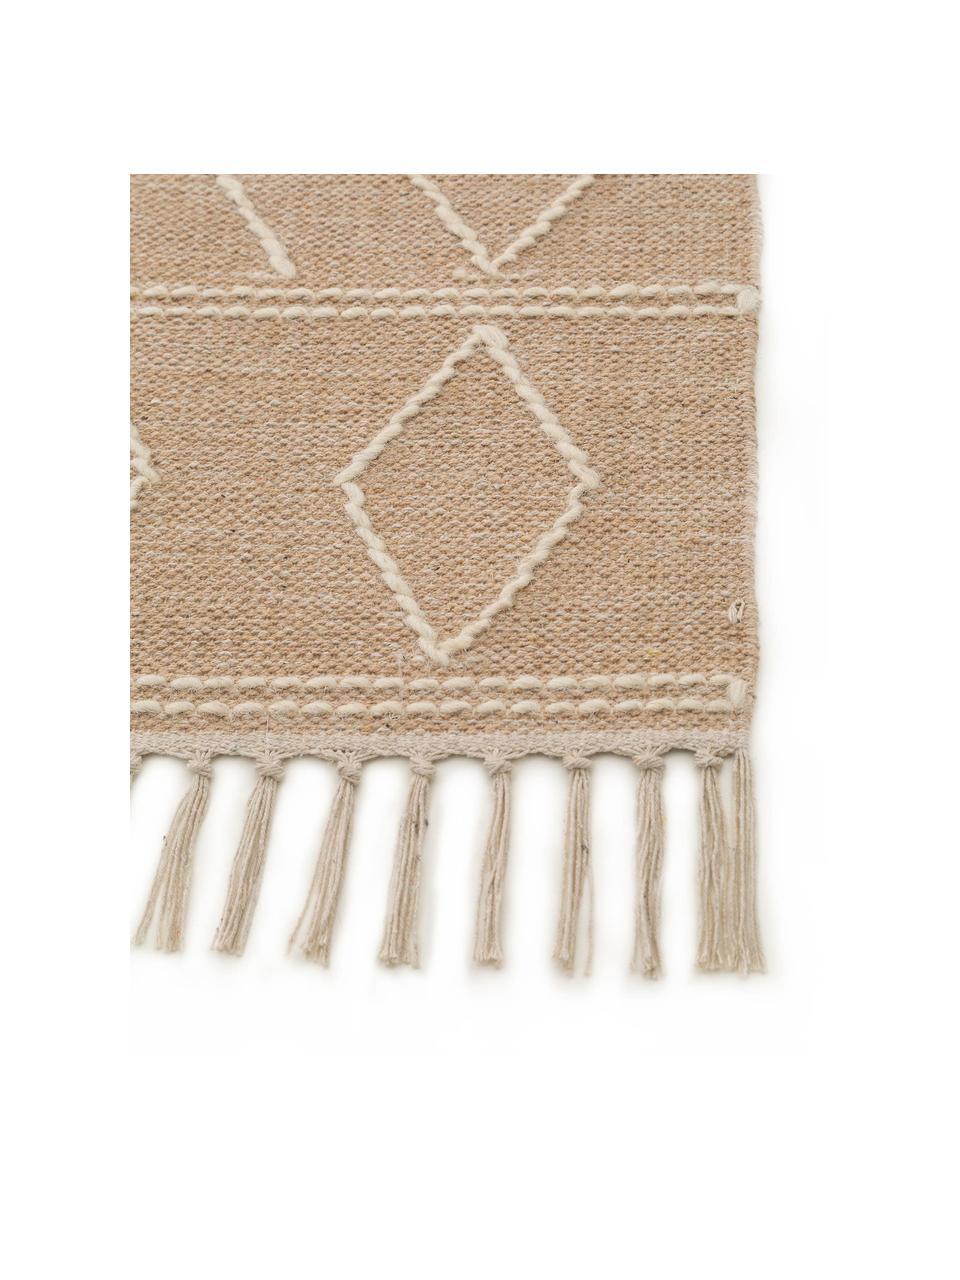 Ręcznie tkany dywan w stylu boho z frędzlami Sydney, 60% bawełna, 40% wełna, Beżowy, kremowy, S 120 x D 170 cm (Rozmiar S)